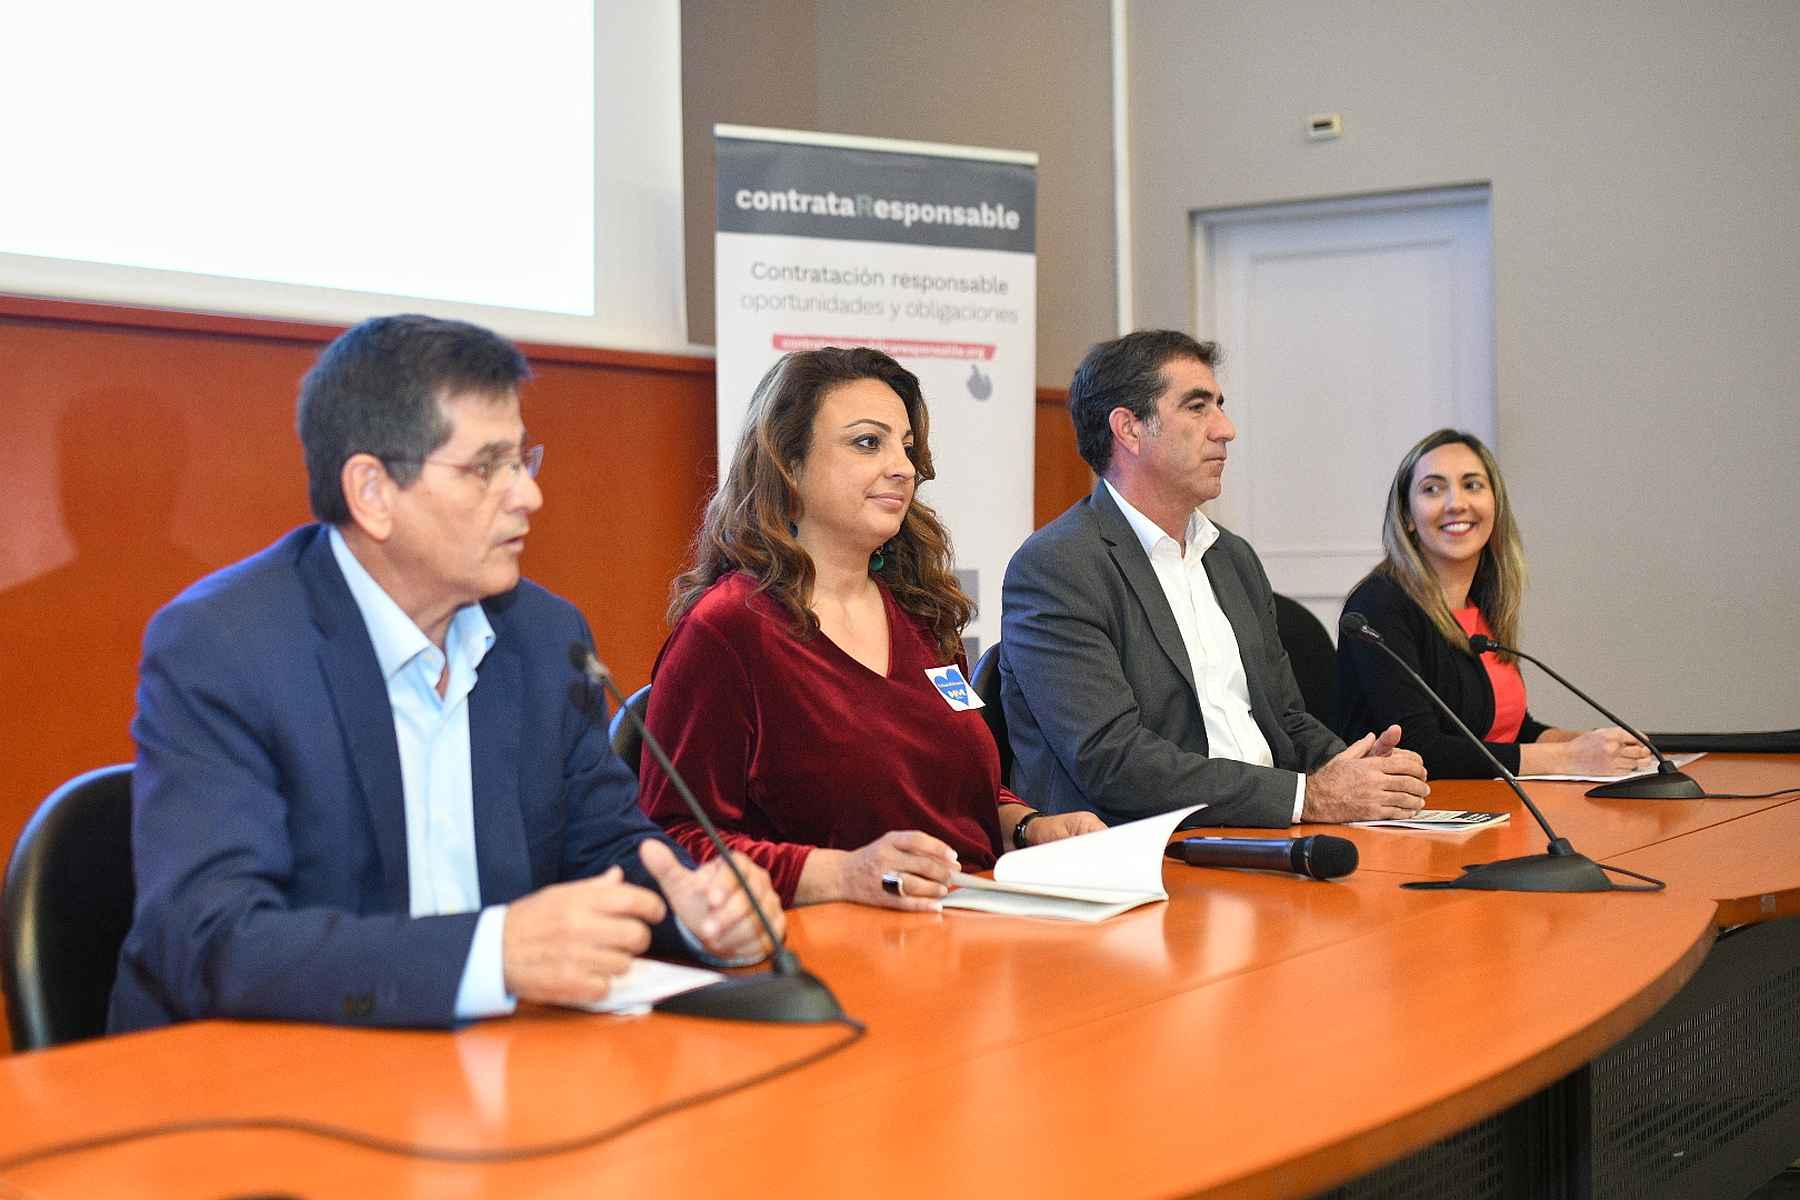 Cristina Valido asistió hoy en Gran Canaria, en compañía de Francis Candil, a una jornada técnica diseñada por su departamento.